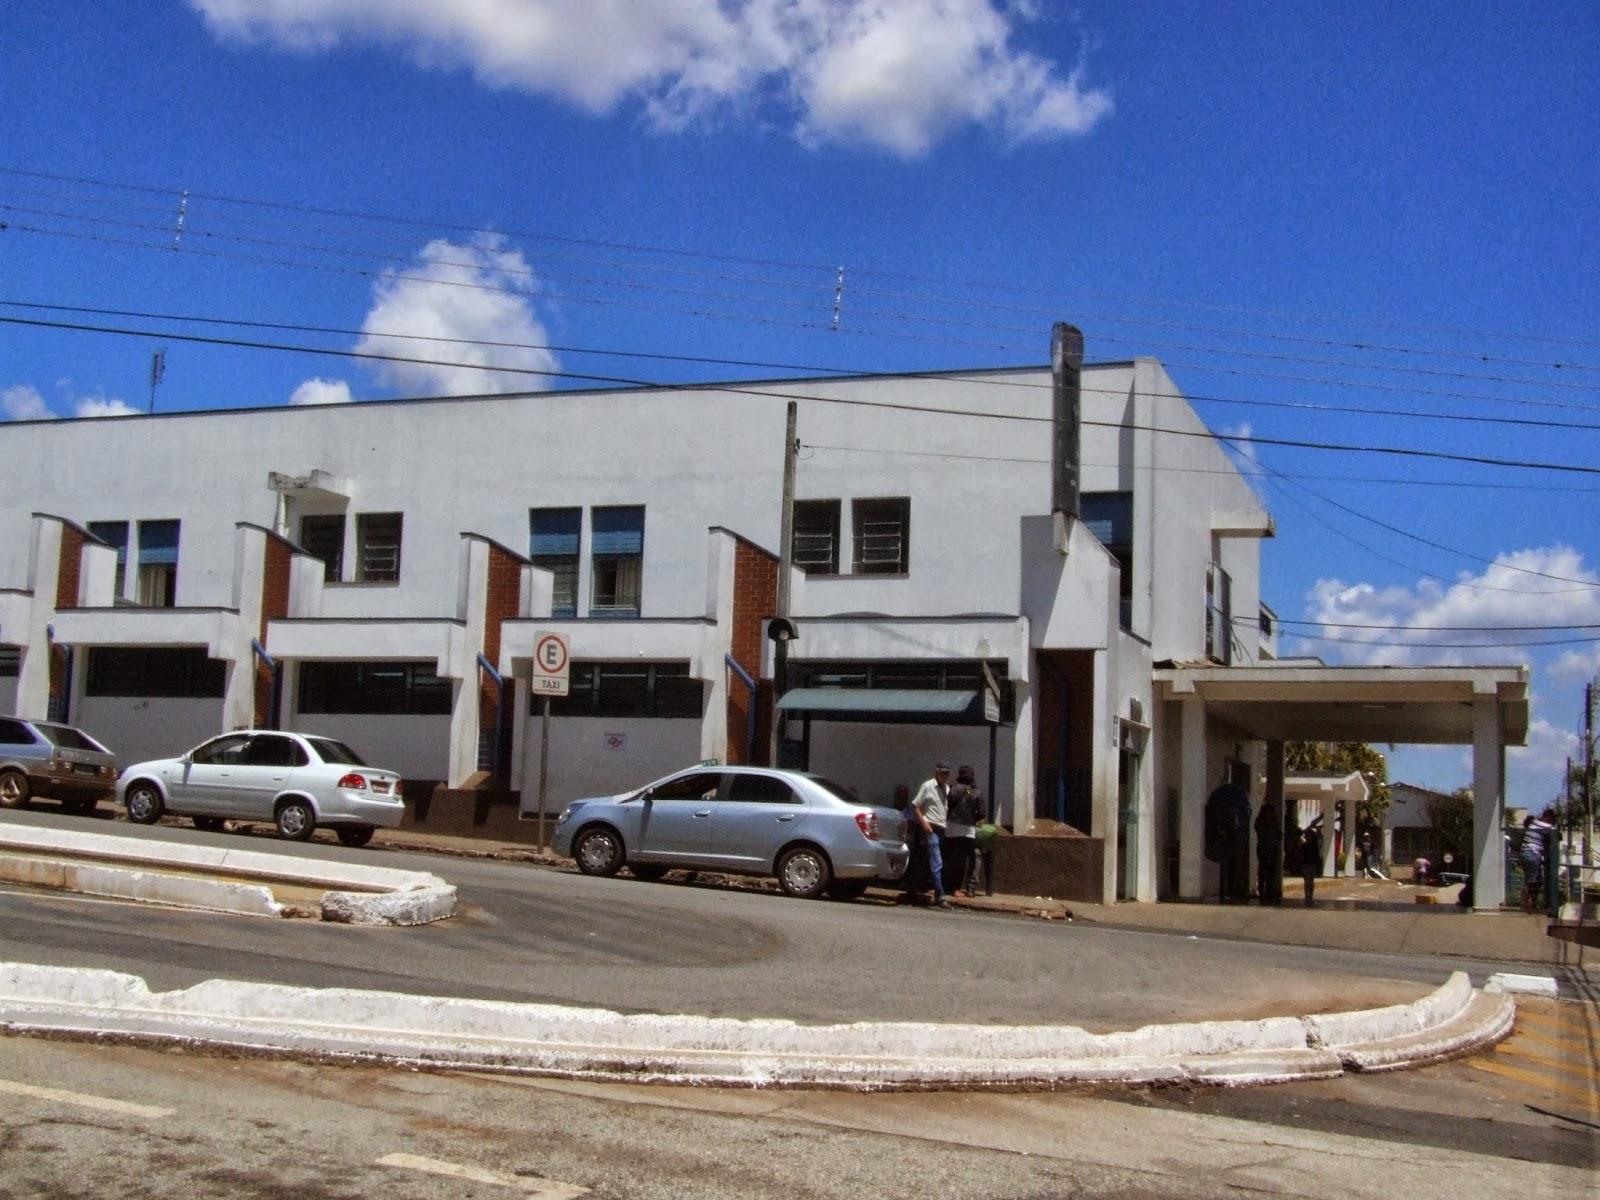 na pele a falta de banheiros para os pacientes da saúde em Itapeva #2B4CA0 1600x1200 Banco Banheiro Cadeirante